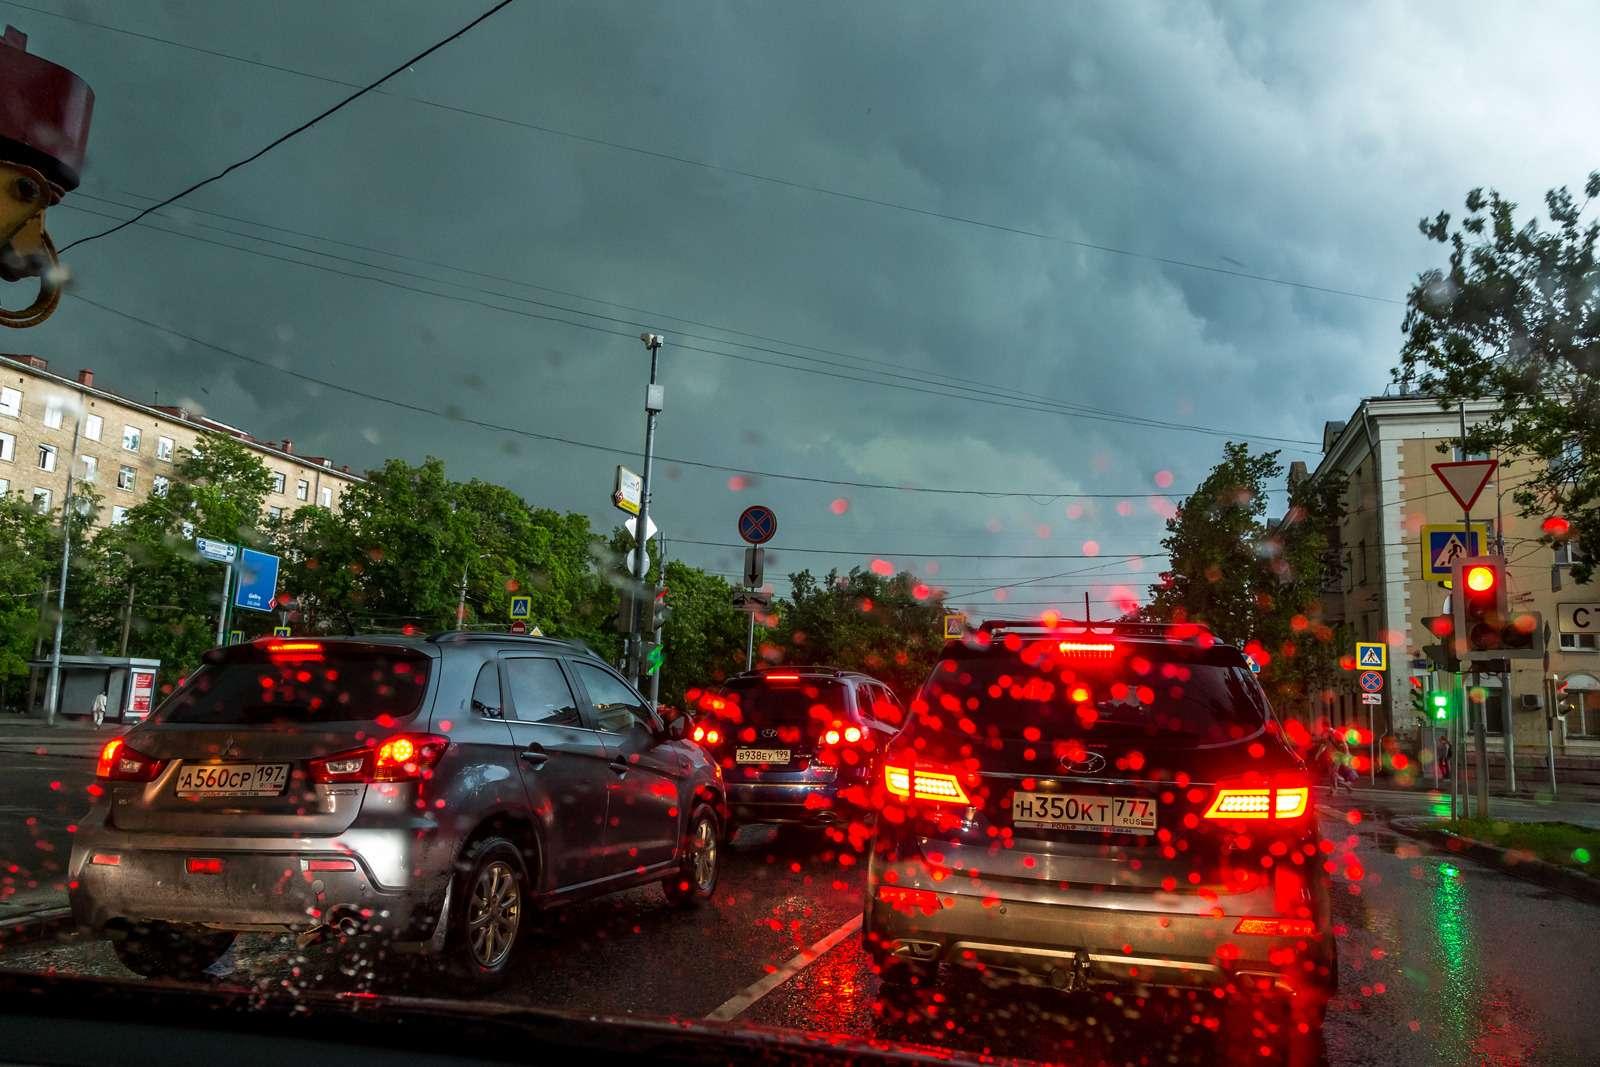 Москву залили дожди, машины поплыли. Фоторепортаж ЗР— фото 770692